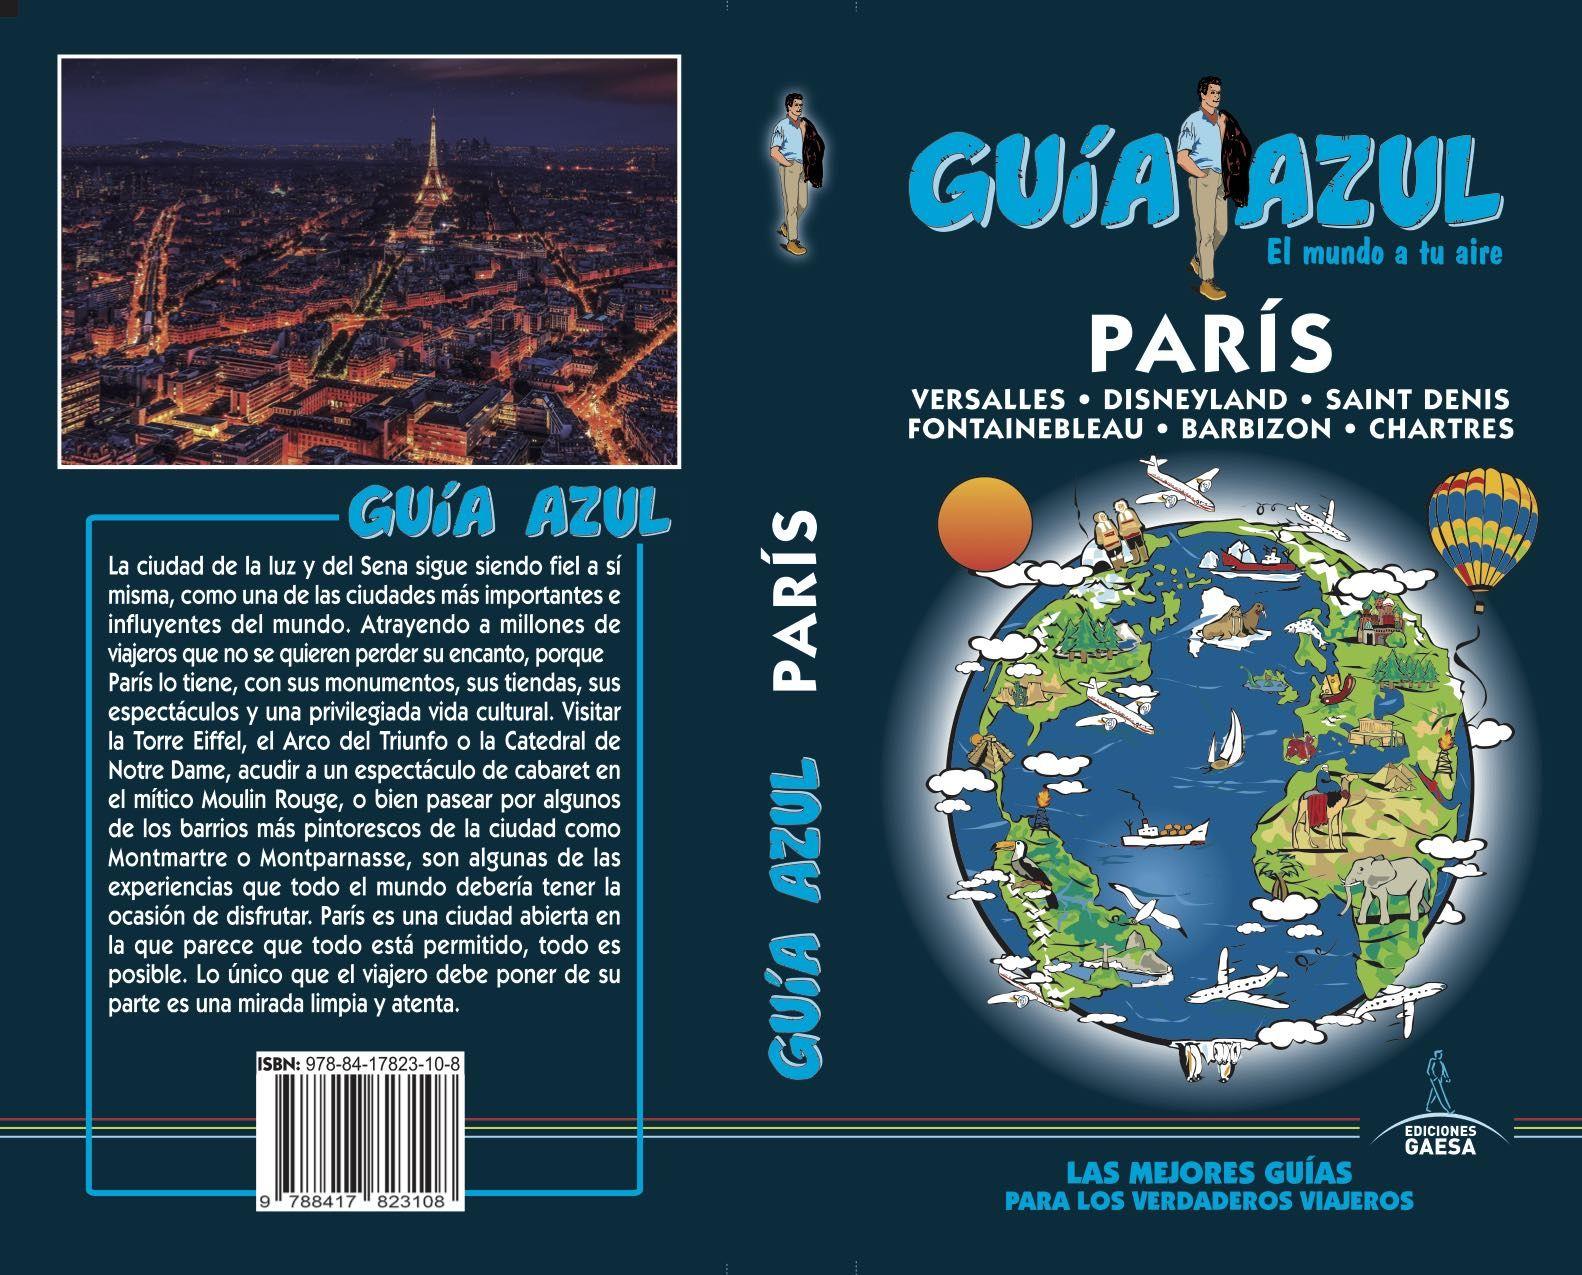 PARIS GUIA AZUL